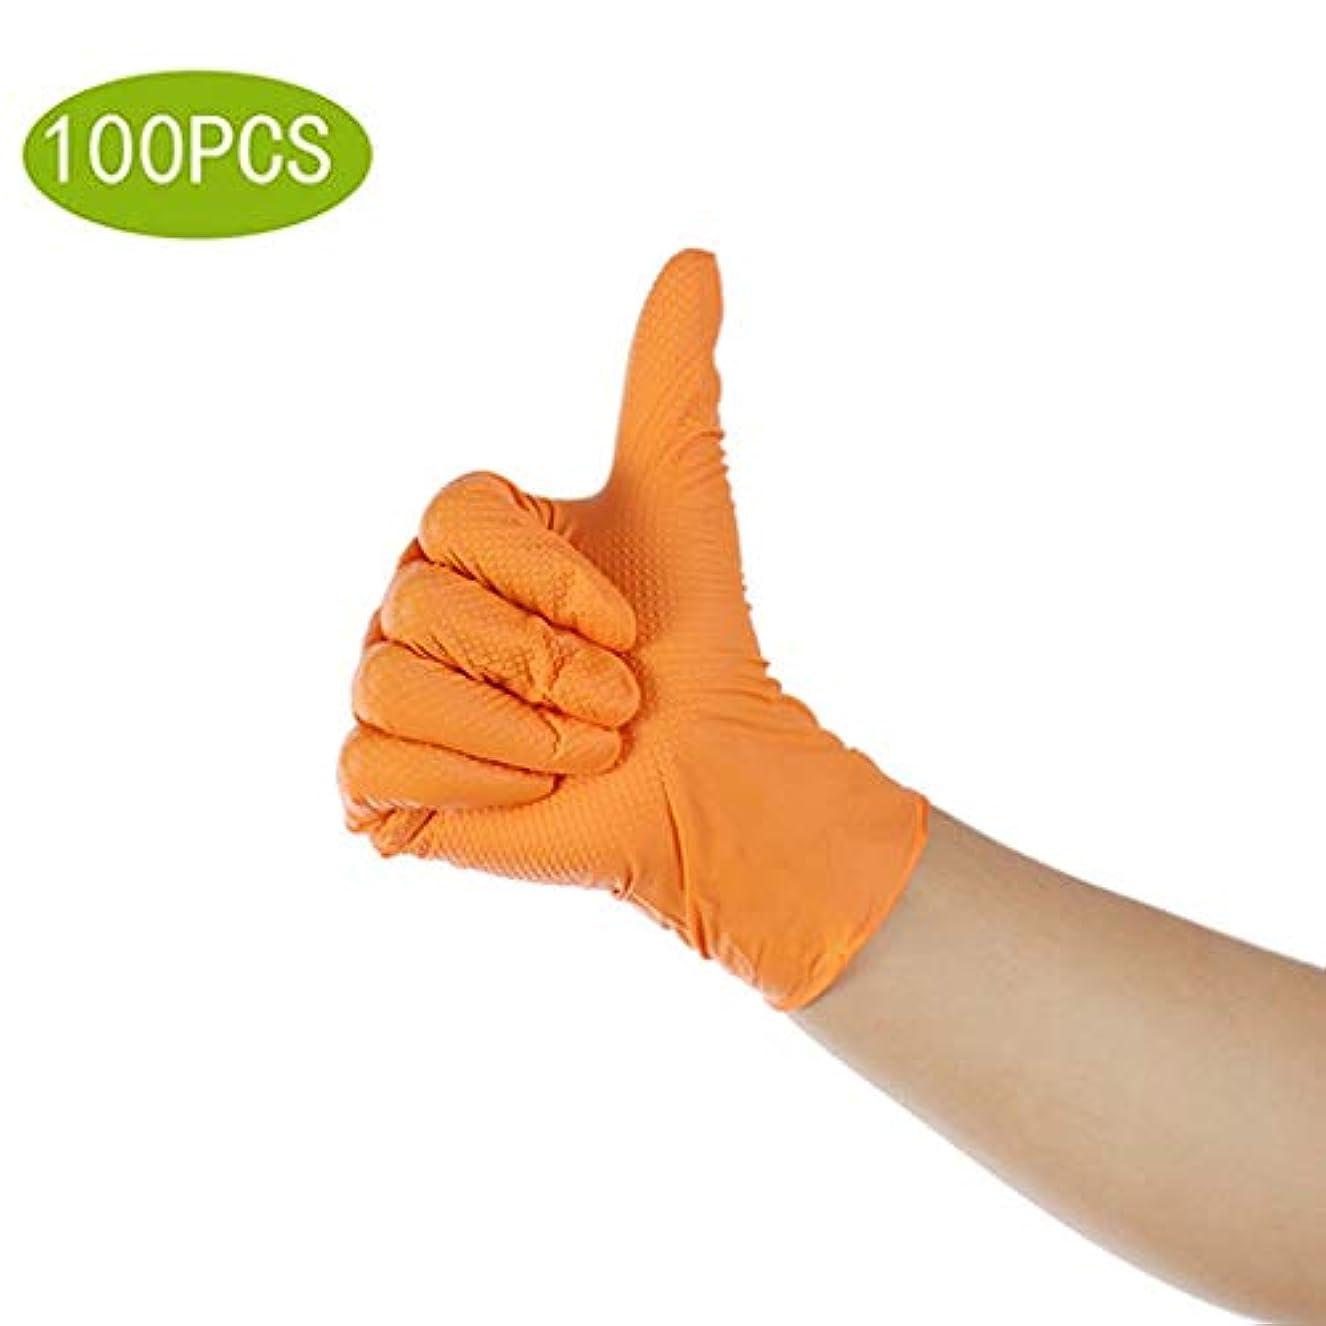 範囲立ち寄る環境に優しい使い捨て手袋軽量9インチパウダーフリーラテックスフリーライト作業厚手の使い捨てゴム手袋、滑り止めパームプリントグレードタトゥーメディカル試験手袋100倍 (Color : Yellow, Size : S)